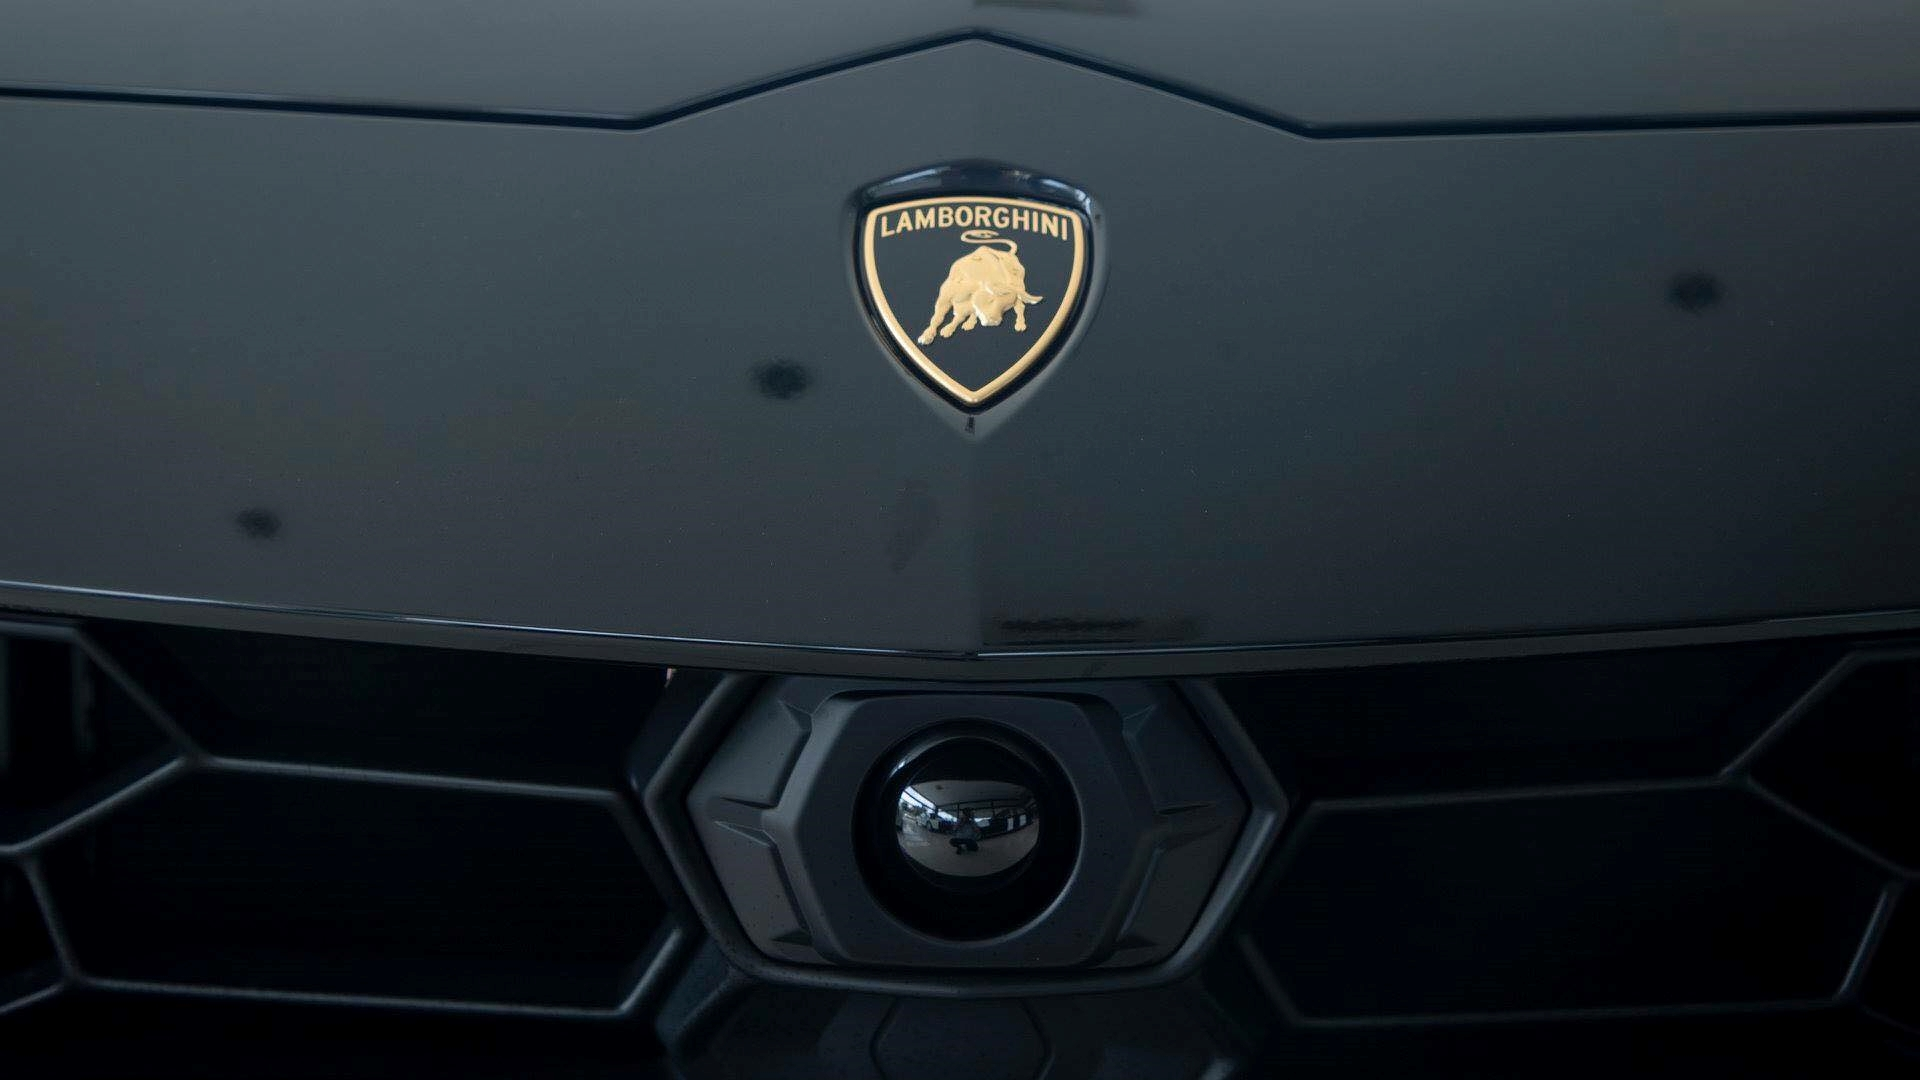 Cận cảnh 'siêu SUV' Lamborghini Urus thứ ba đặt chân đến Campuchia Ảnh 3